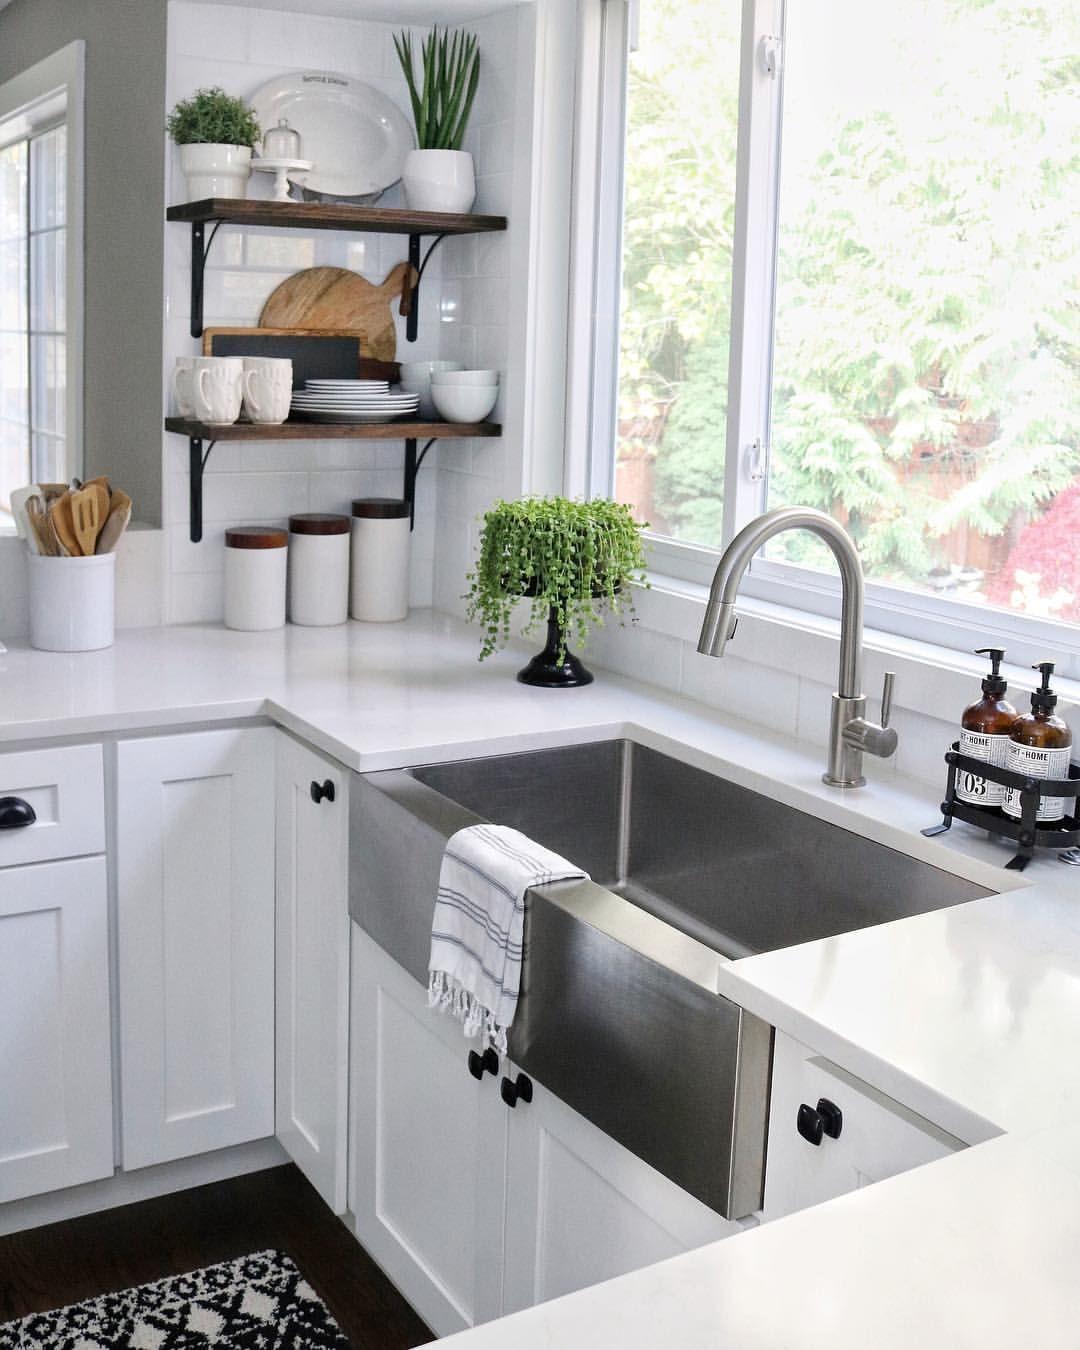 White Kitchen Stainless Steel Farmhouse Sink Quartz Countertops